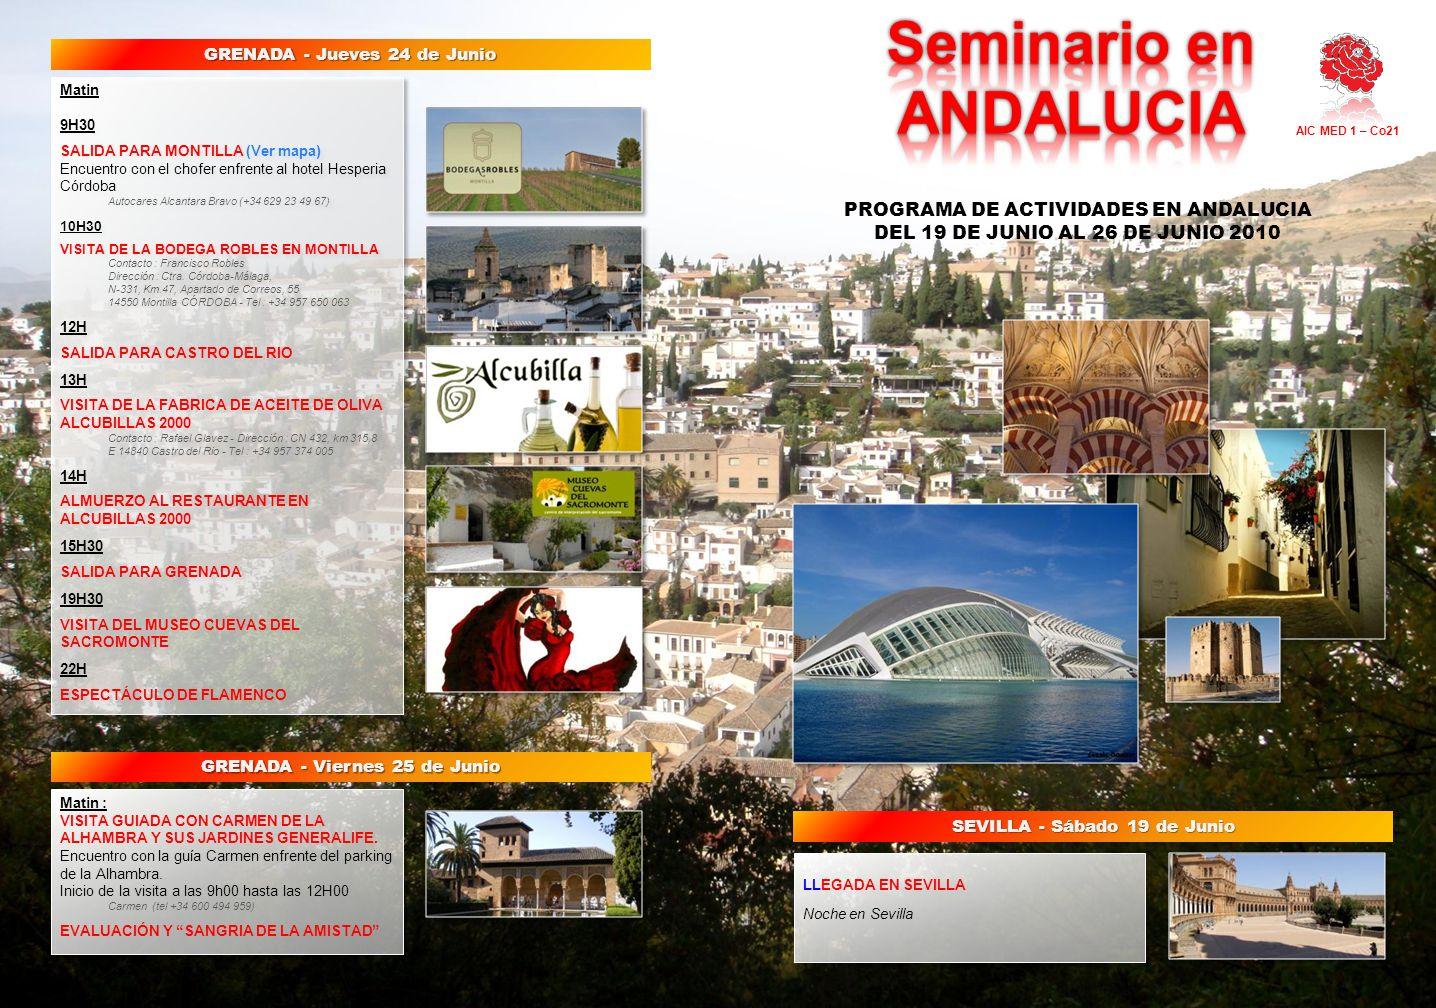 LLEGADA EN SEVILLA Noche en Sevilla LLEGADA EN SEVILLA Noche en Sevilla Matin 9H30 SALIDA PARA MONTILLA (Ver mapa) Encuentro con el chofer enfrente al